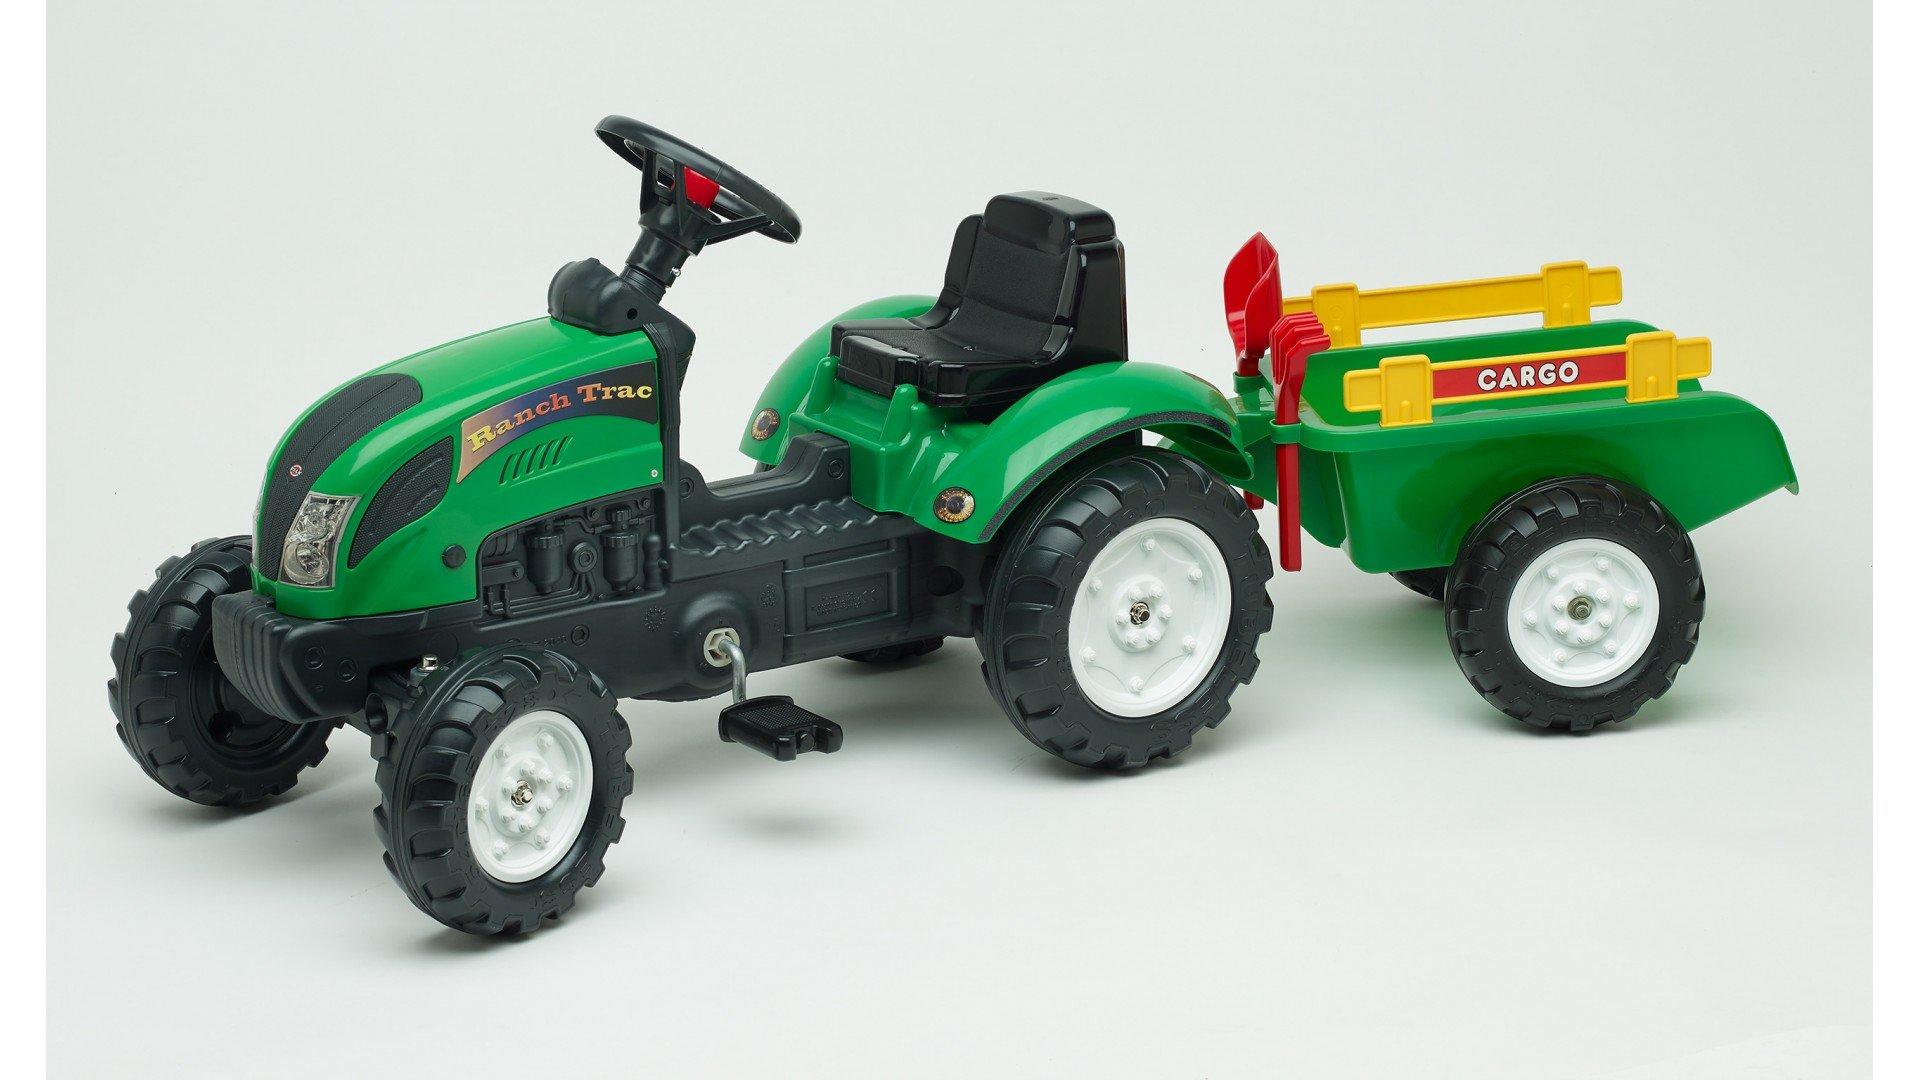 Verde Y Pedales Tractor Rastrillo Con Ranch Trac RemolquePala qSMjLzVUpG